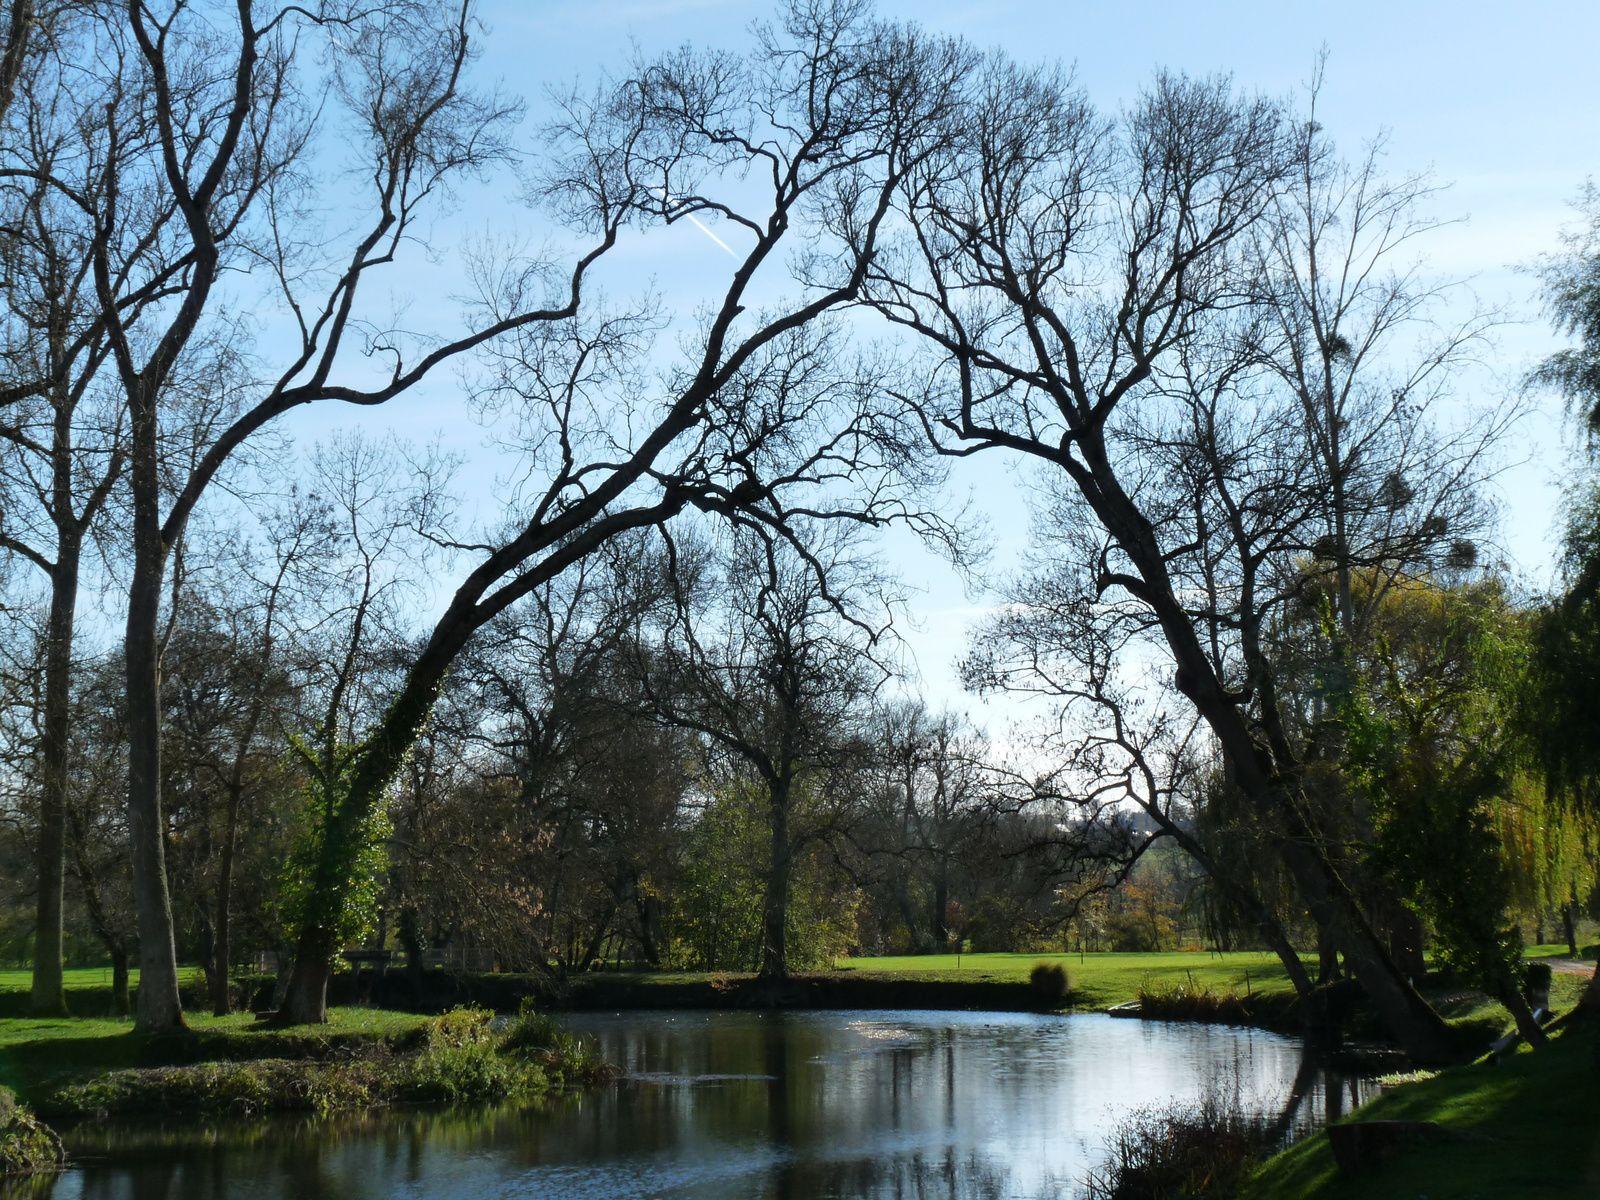 Couleurs automnales dans le parc du château de l'Islette (37)